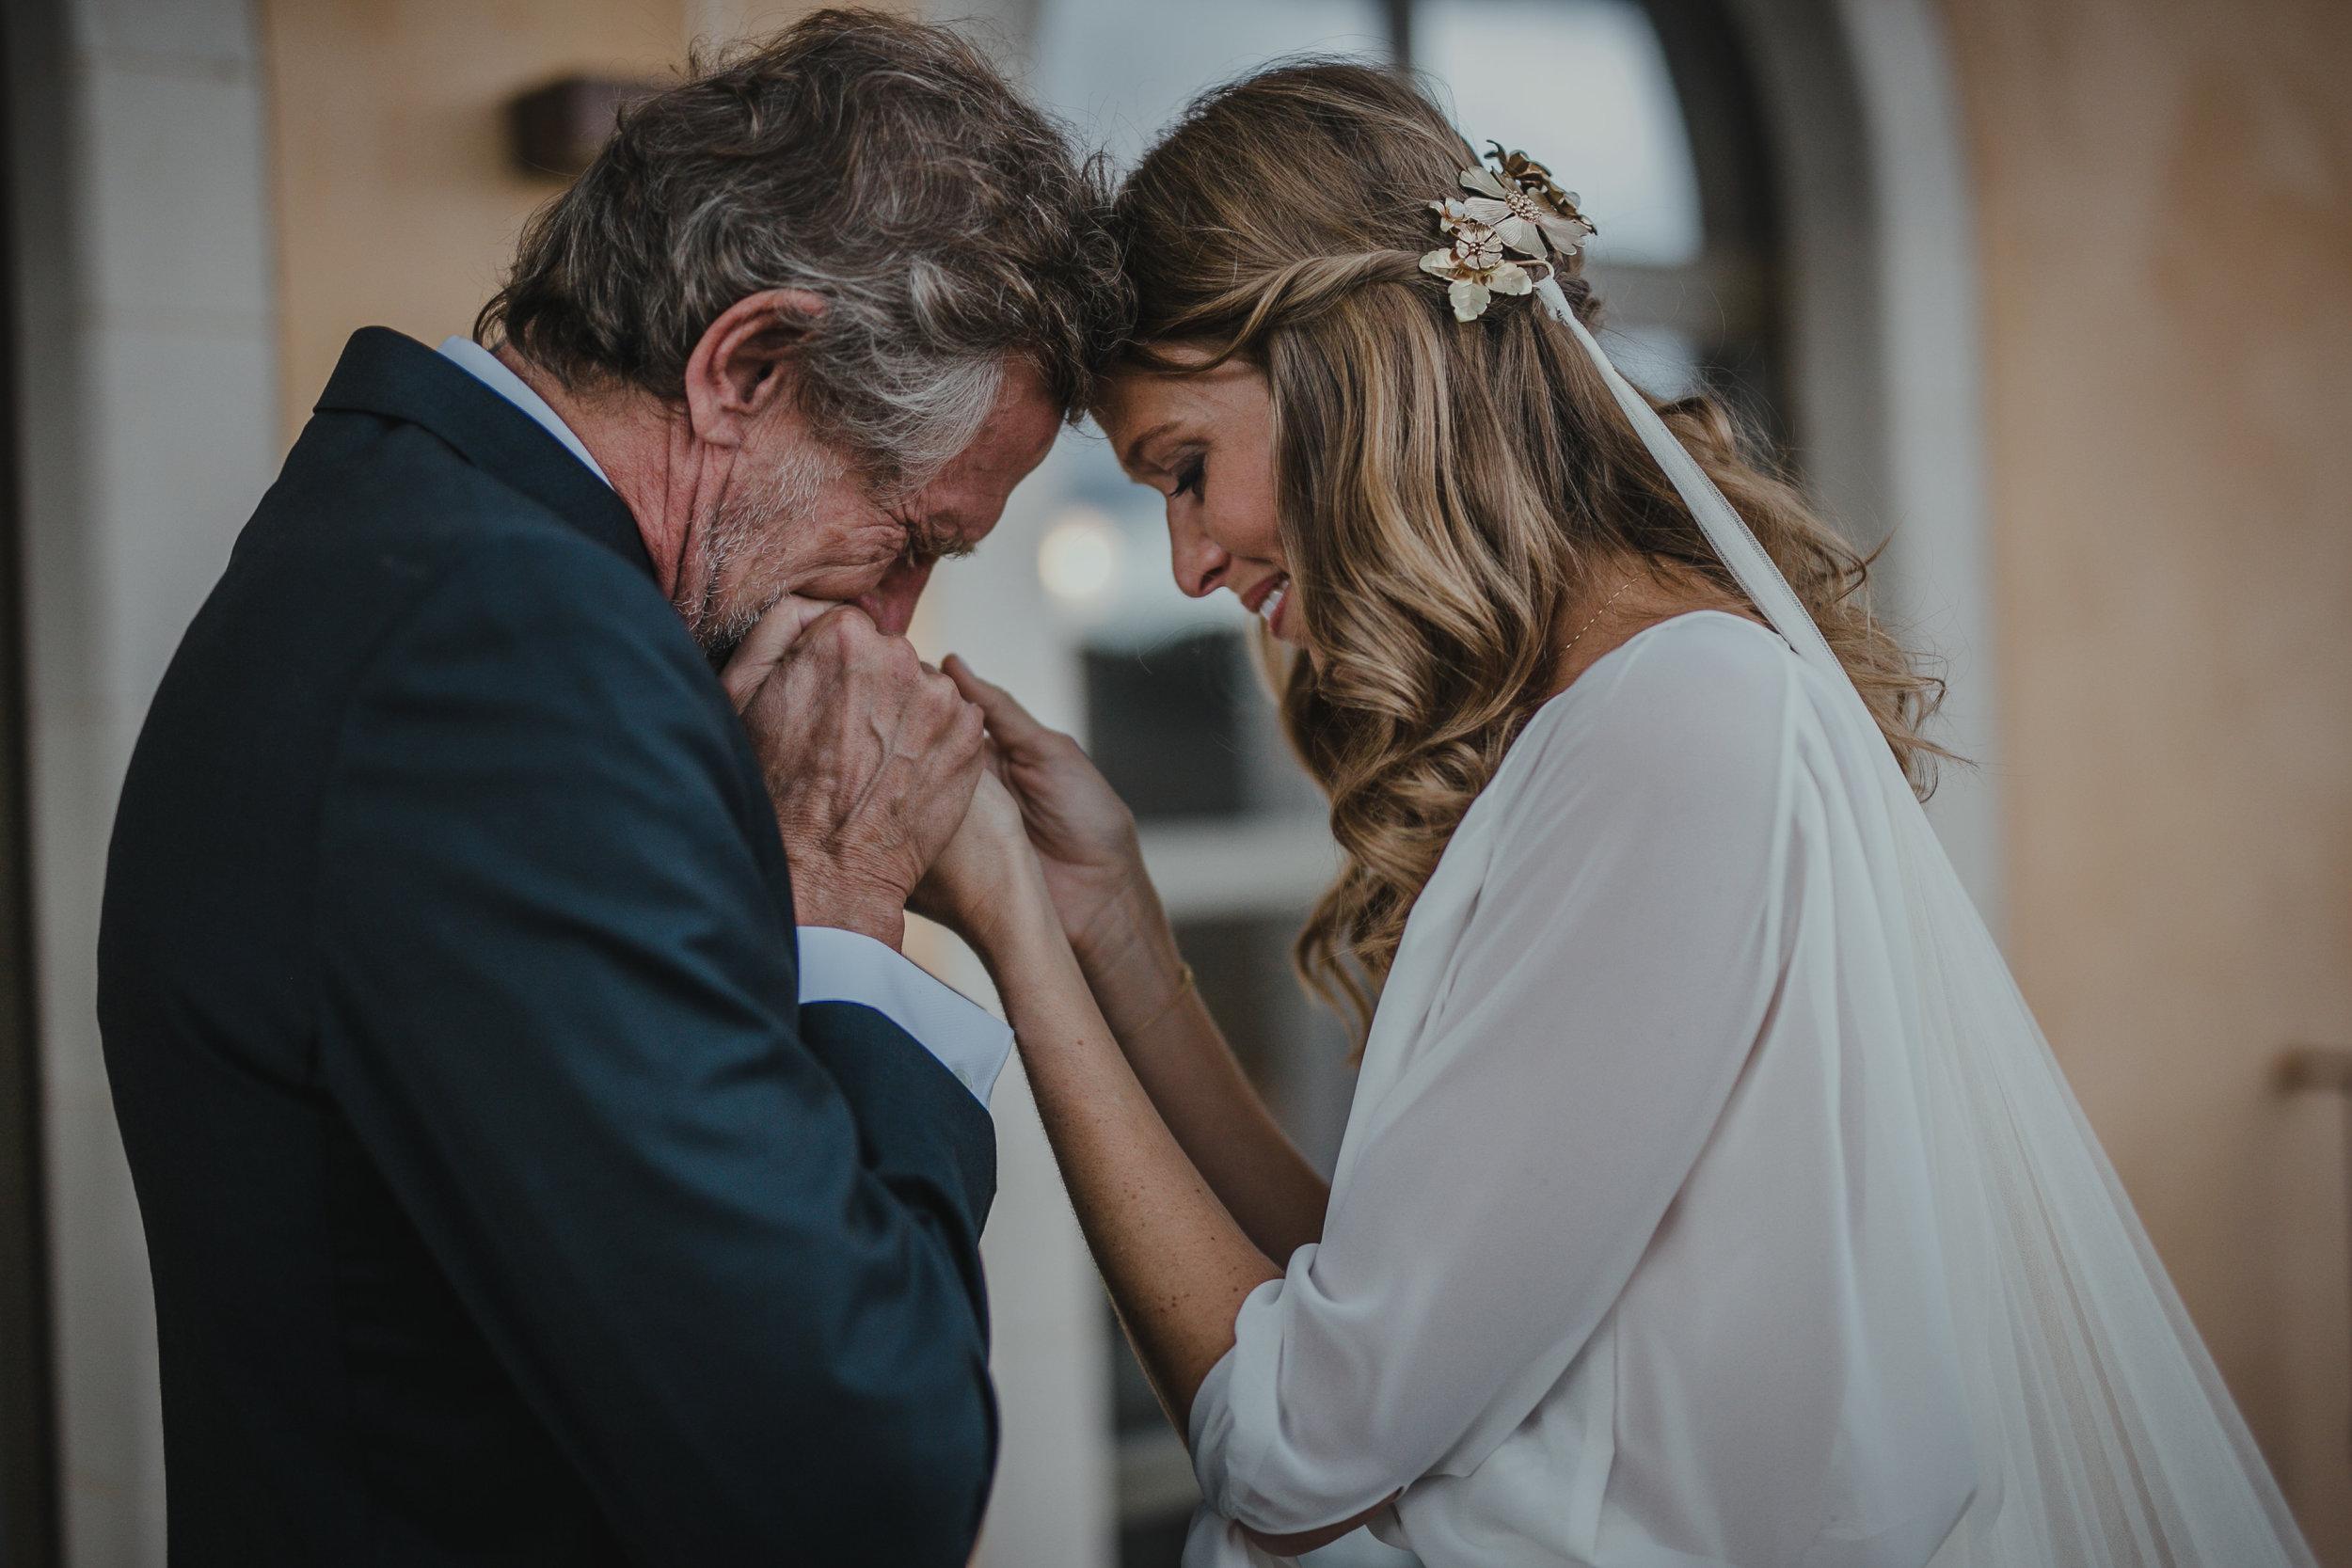 Fotografo de bodas españa serafin castillo wedding photographer spain 009.jpg